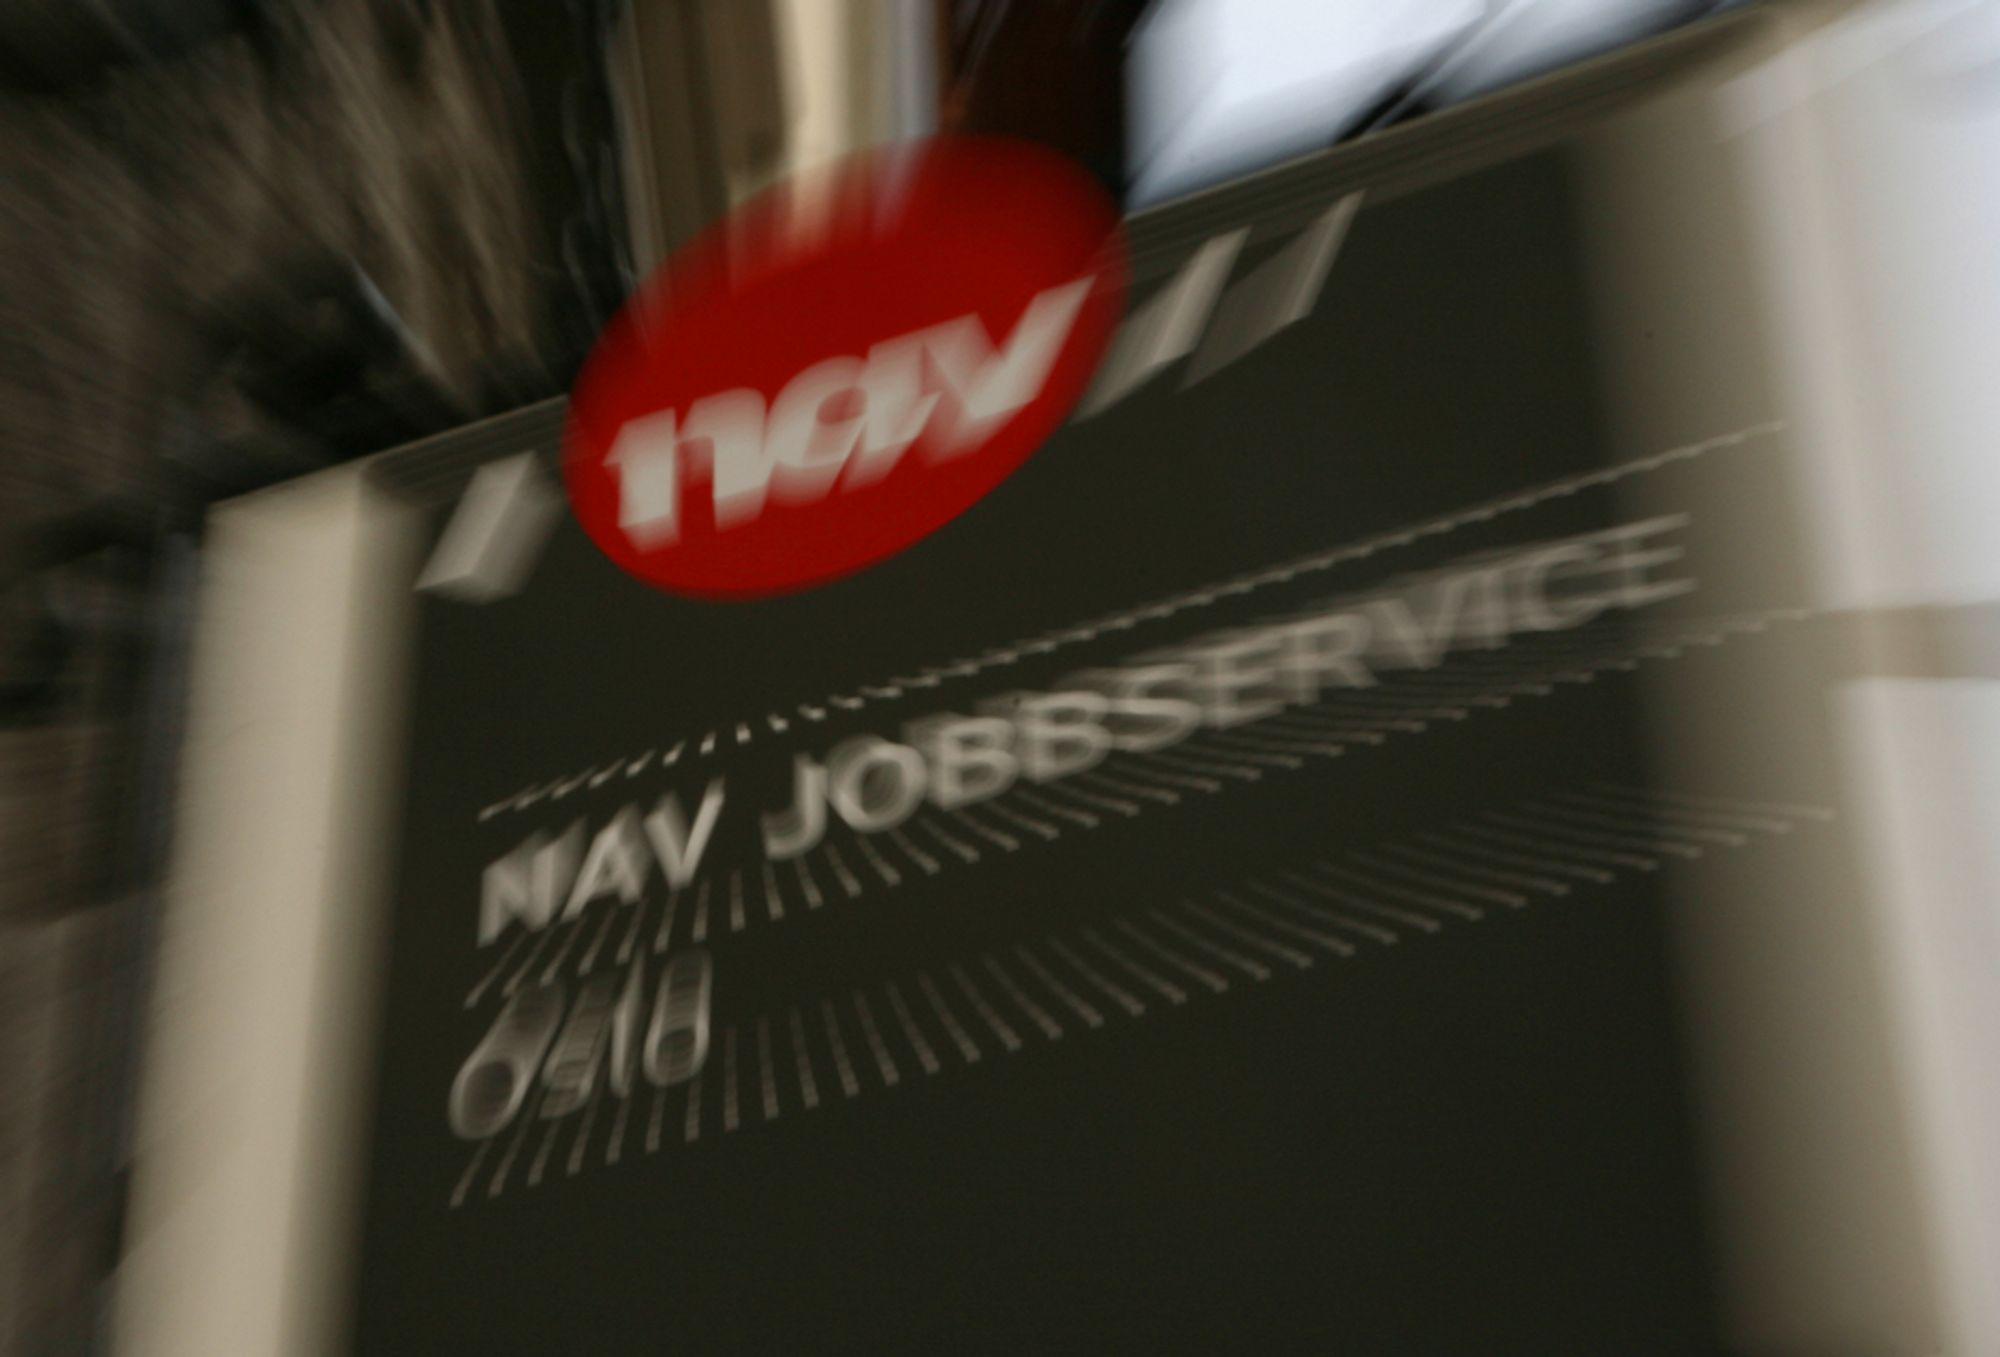 Sysselsettingen sank fra juli til oktober, men arbeidsledigheten i Norge er fortsatt lav sammenliknet med resten av verden.